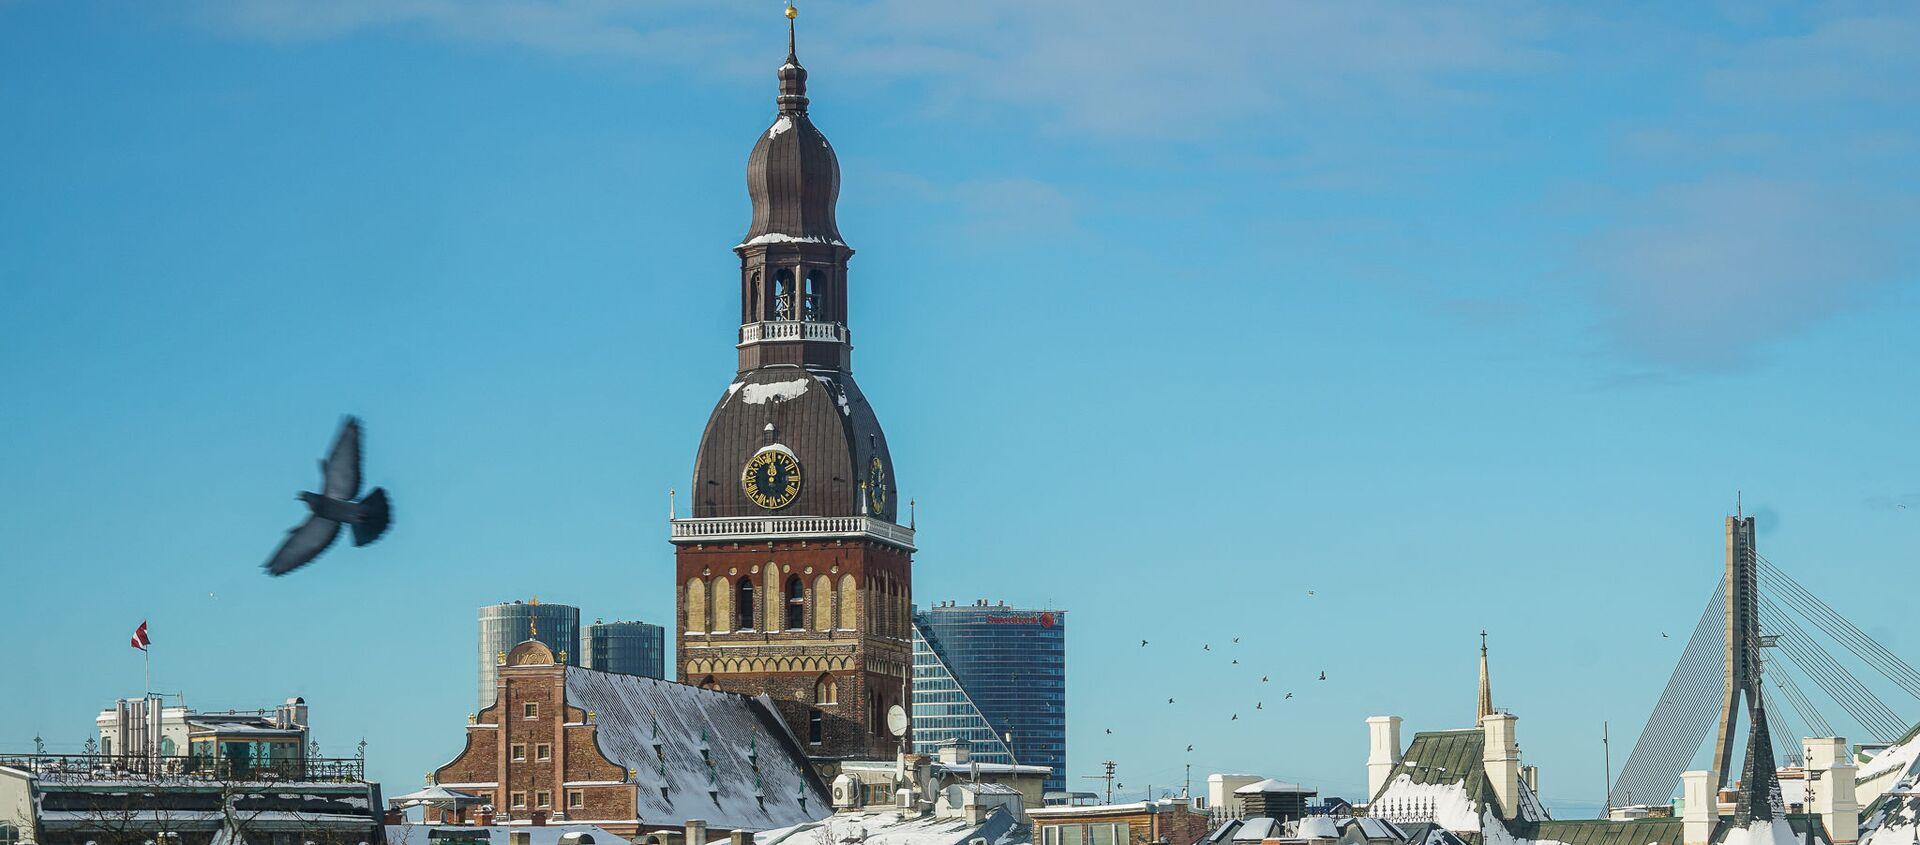 Вид на Старую Ригу и Домский собор зимой - Sputnik Латвия, 1920, 22.02.2021